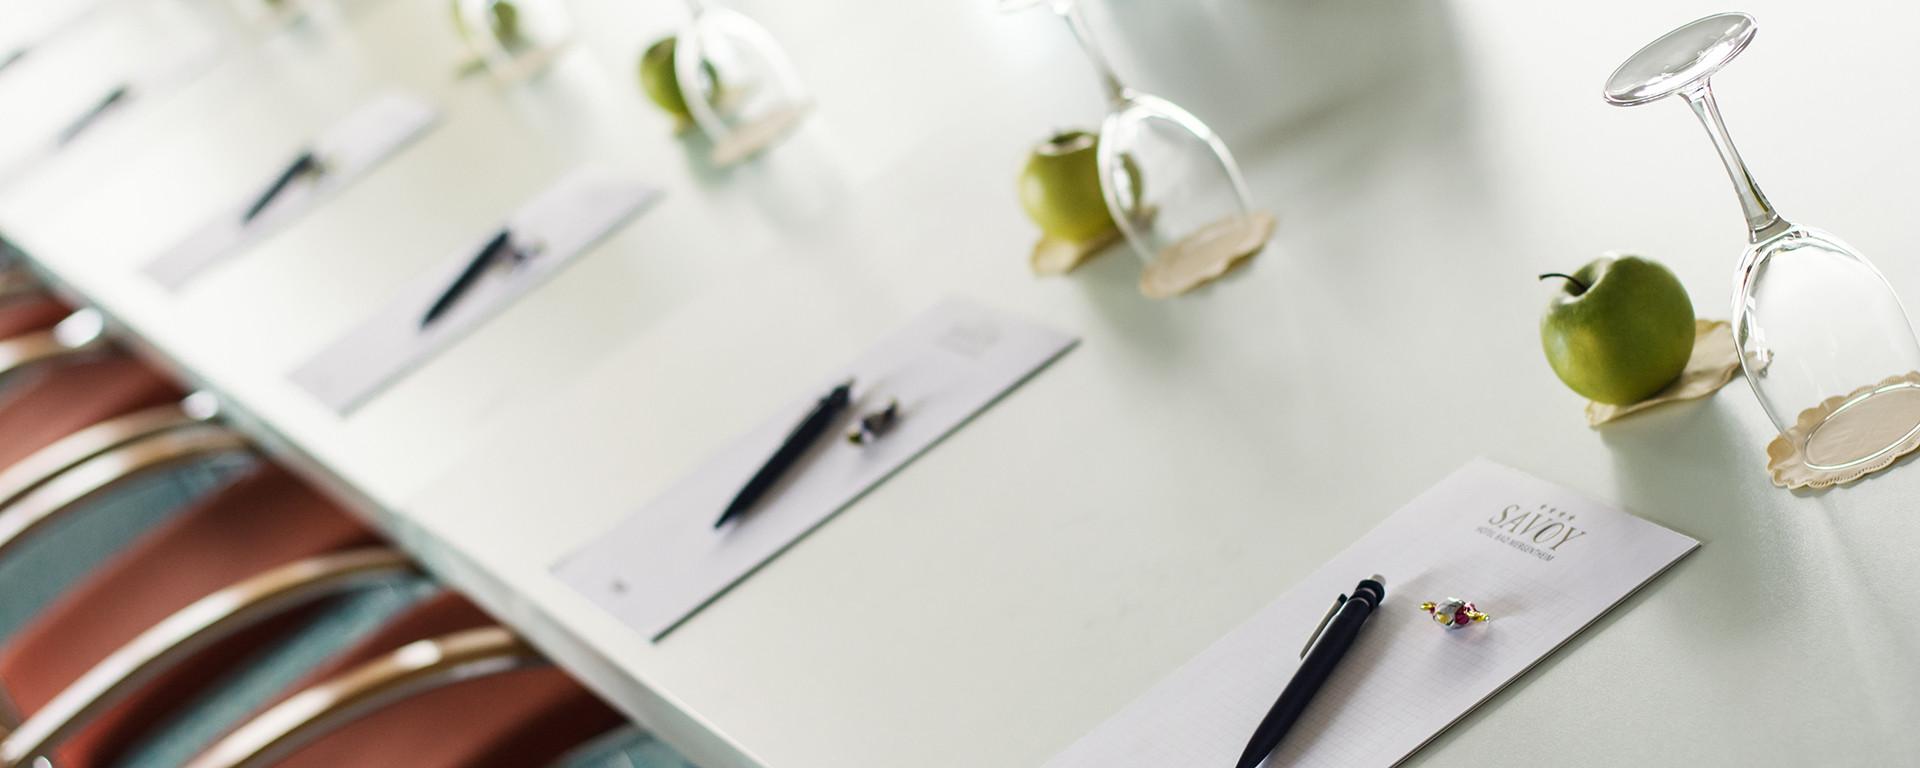 Räume für Tagungen, Schulungen, Trainings, Meetings oder Präsentationen: Buchen Sie das SAVOY Hotel Bad Mergentheim